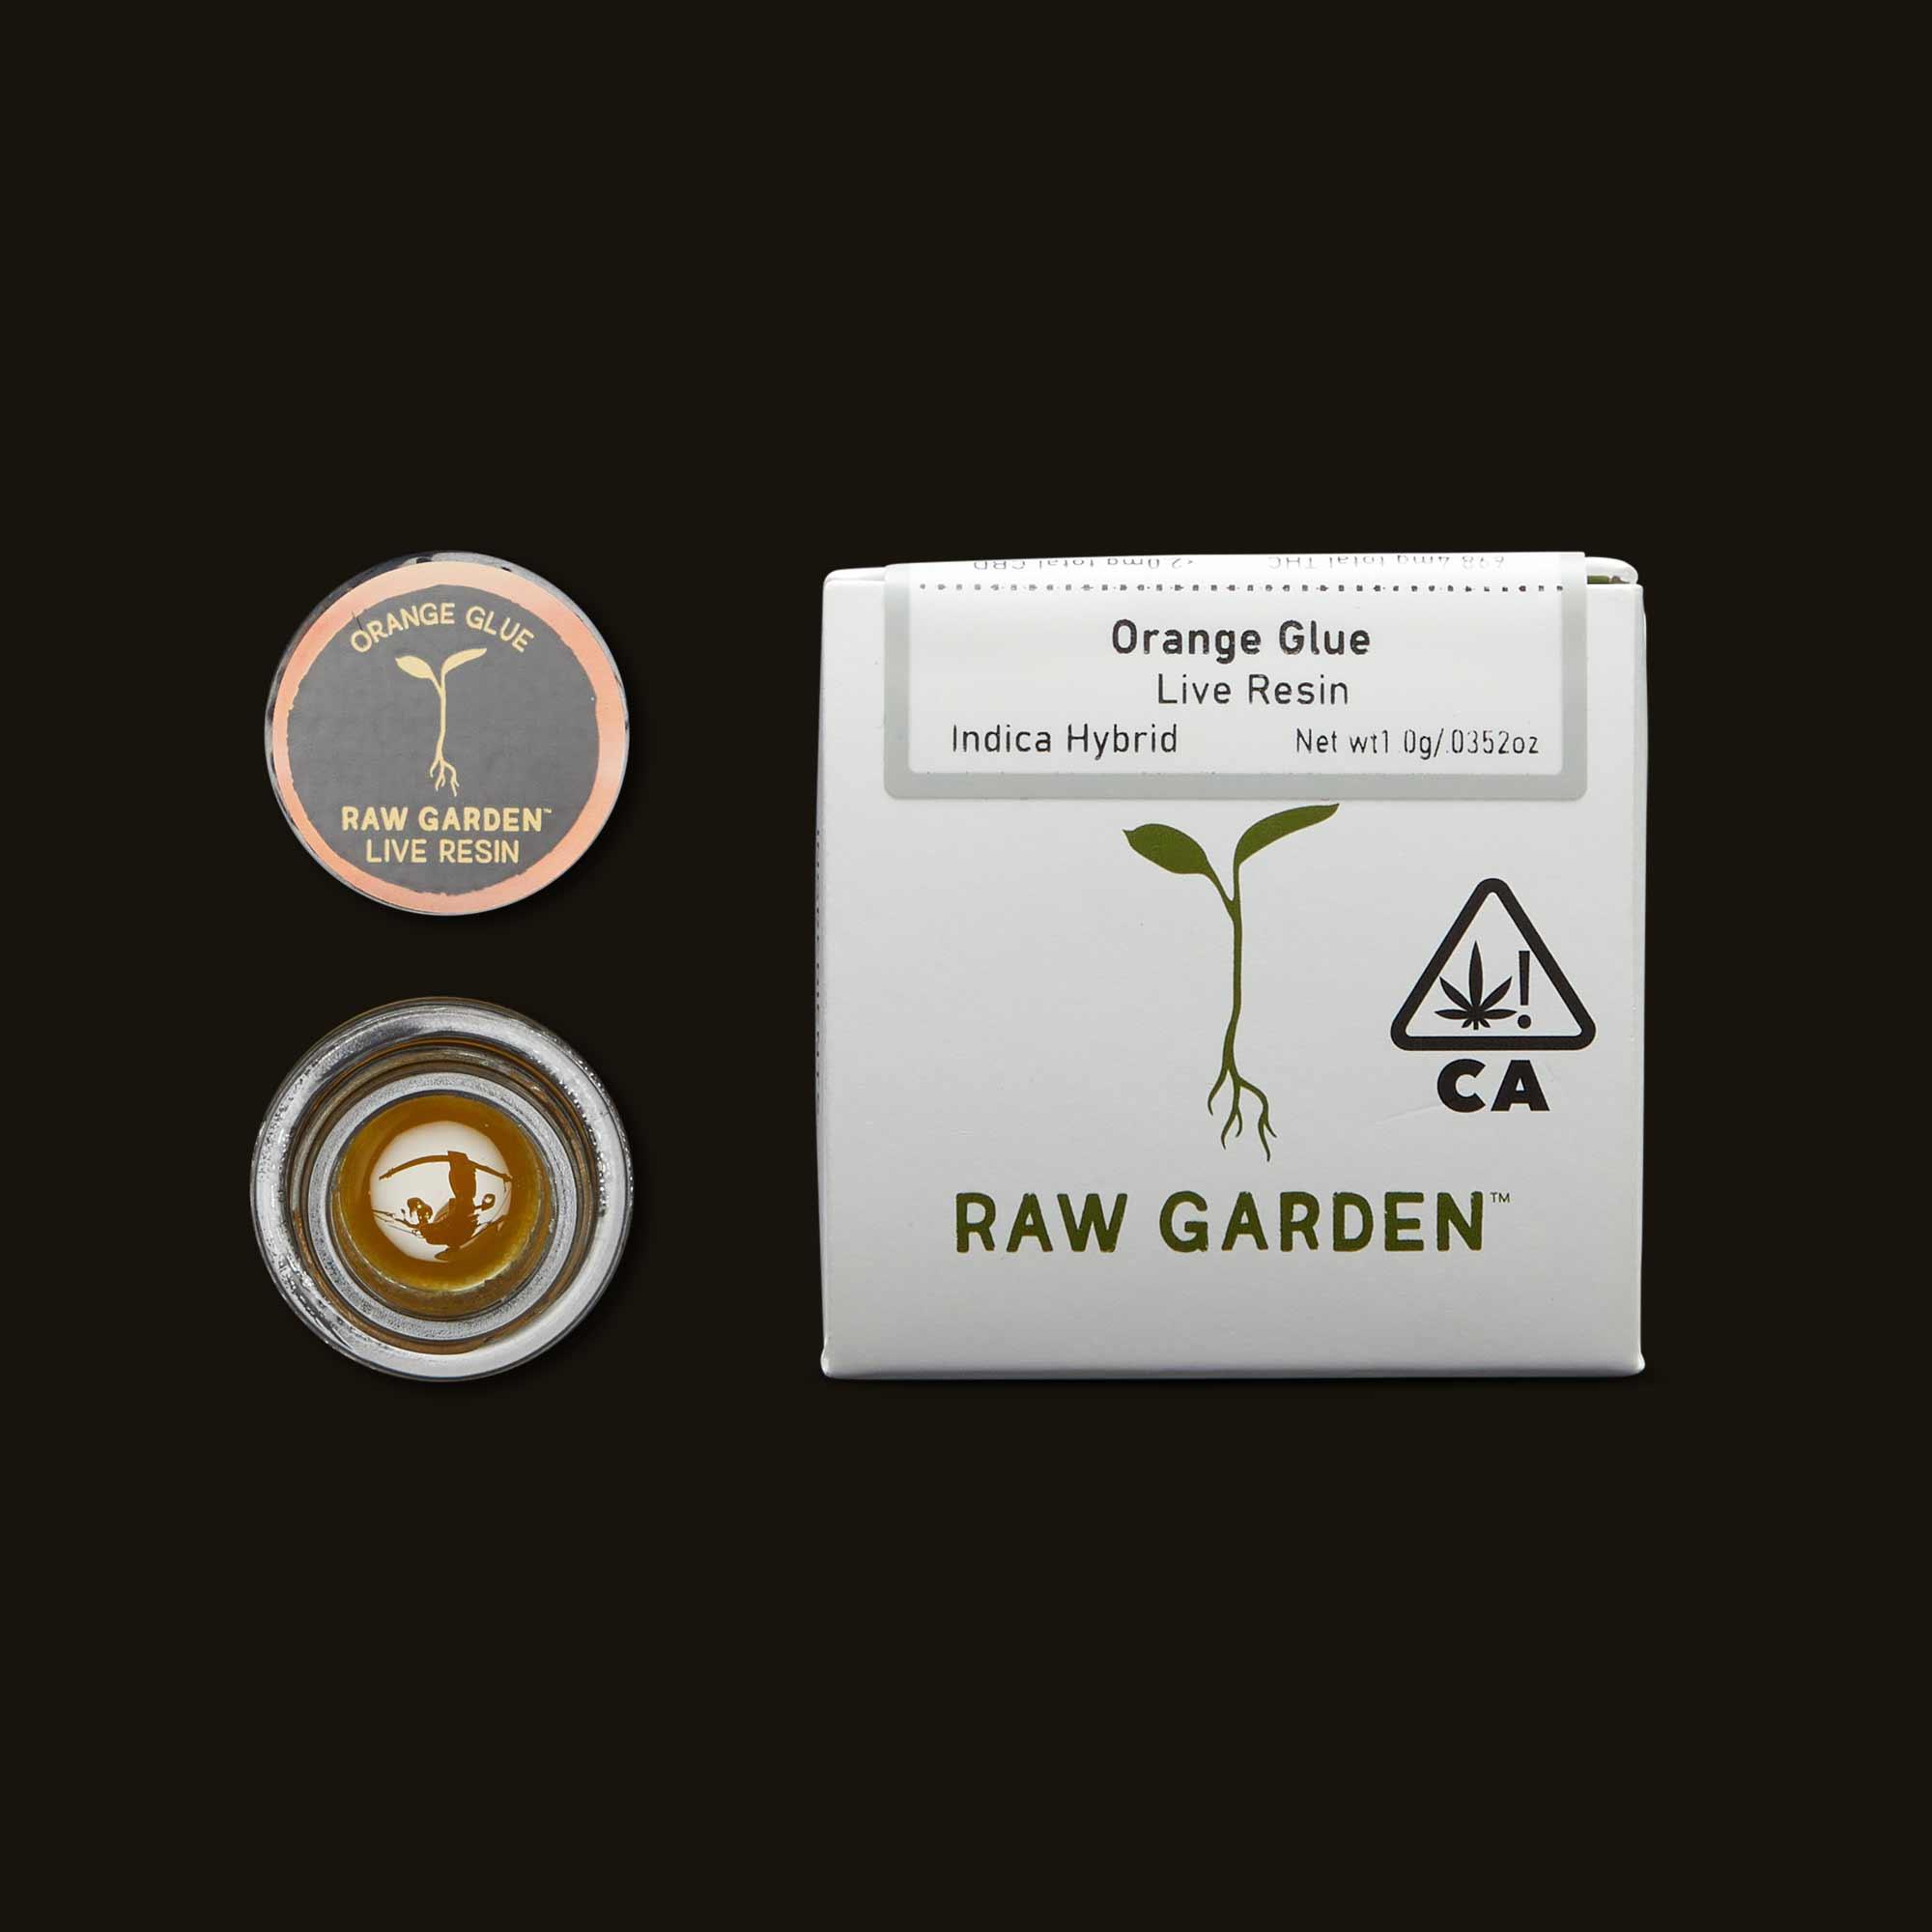 Orange Glue Live Resin from Raw Garden